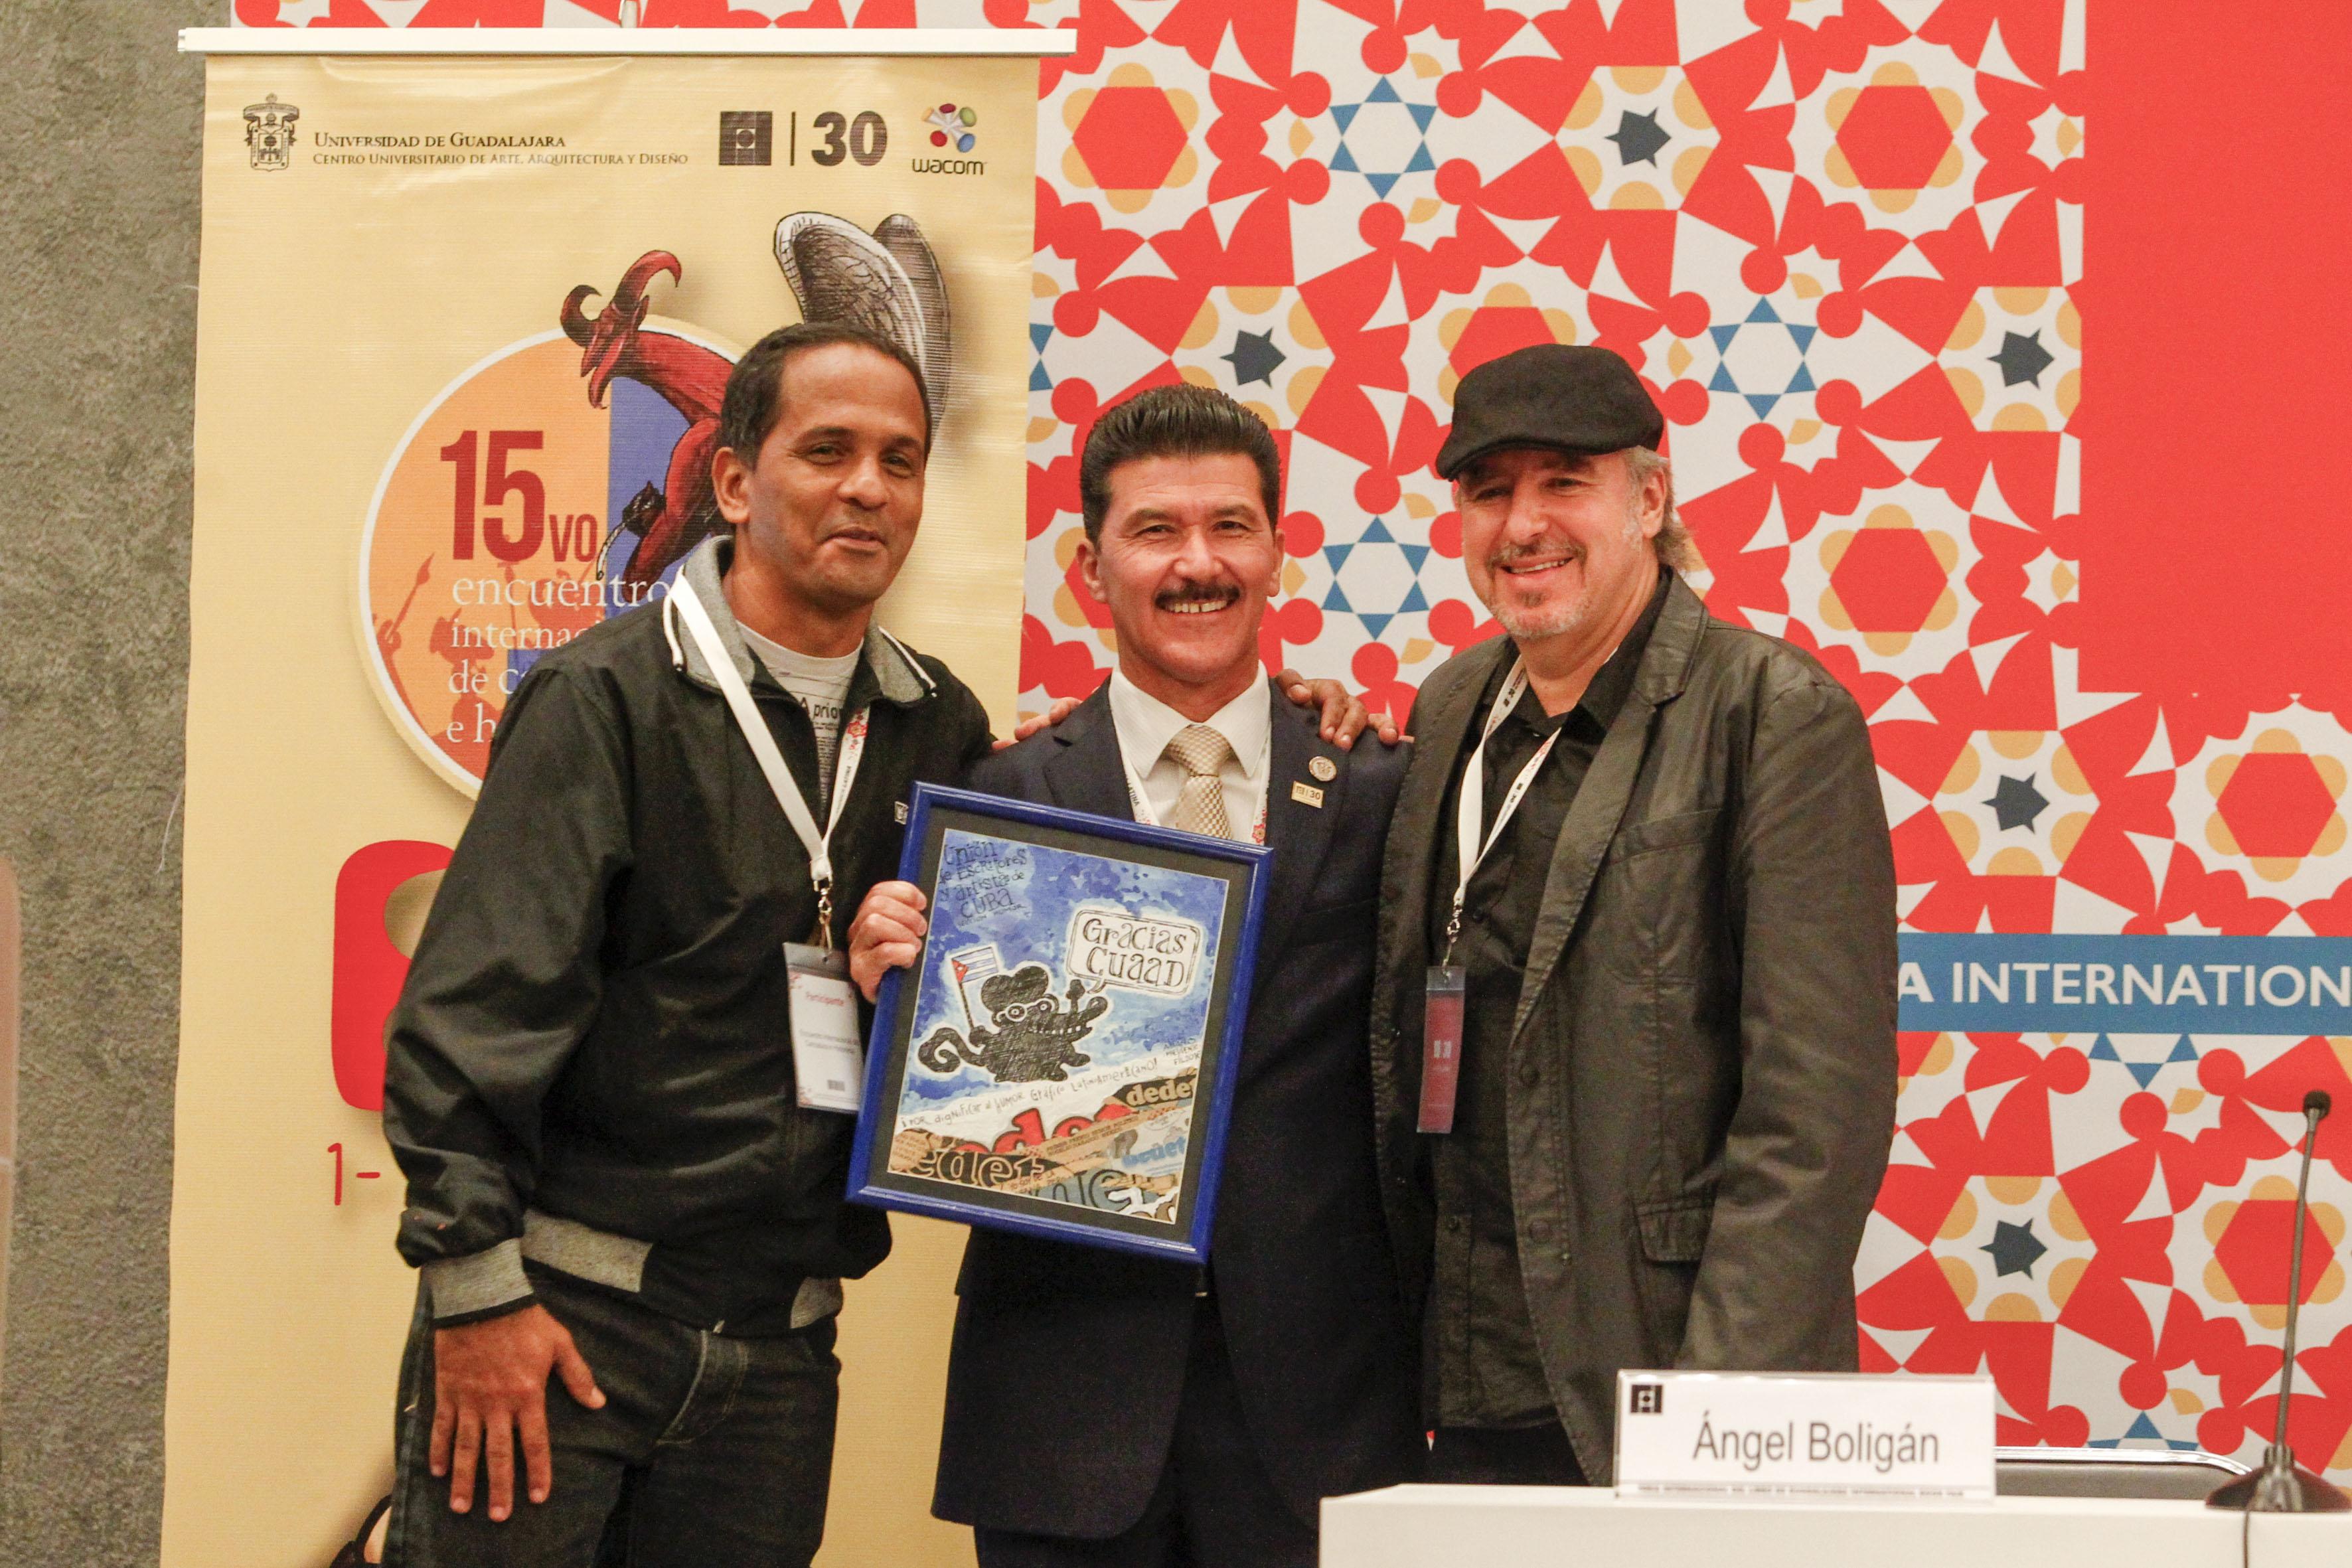 El Rector del CUAAD, maestro Ernesto Flores Gallo, mostrando un reconocimiento con motivo de los 15 años del encuentro.